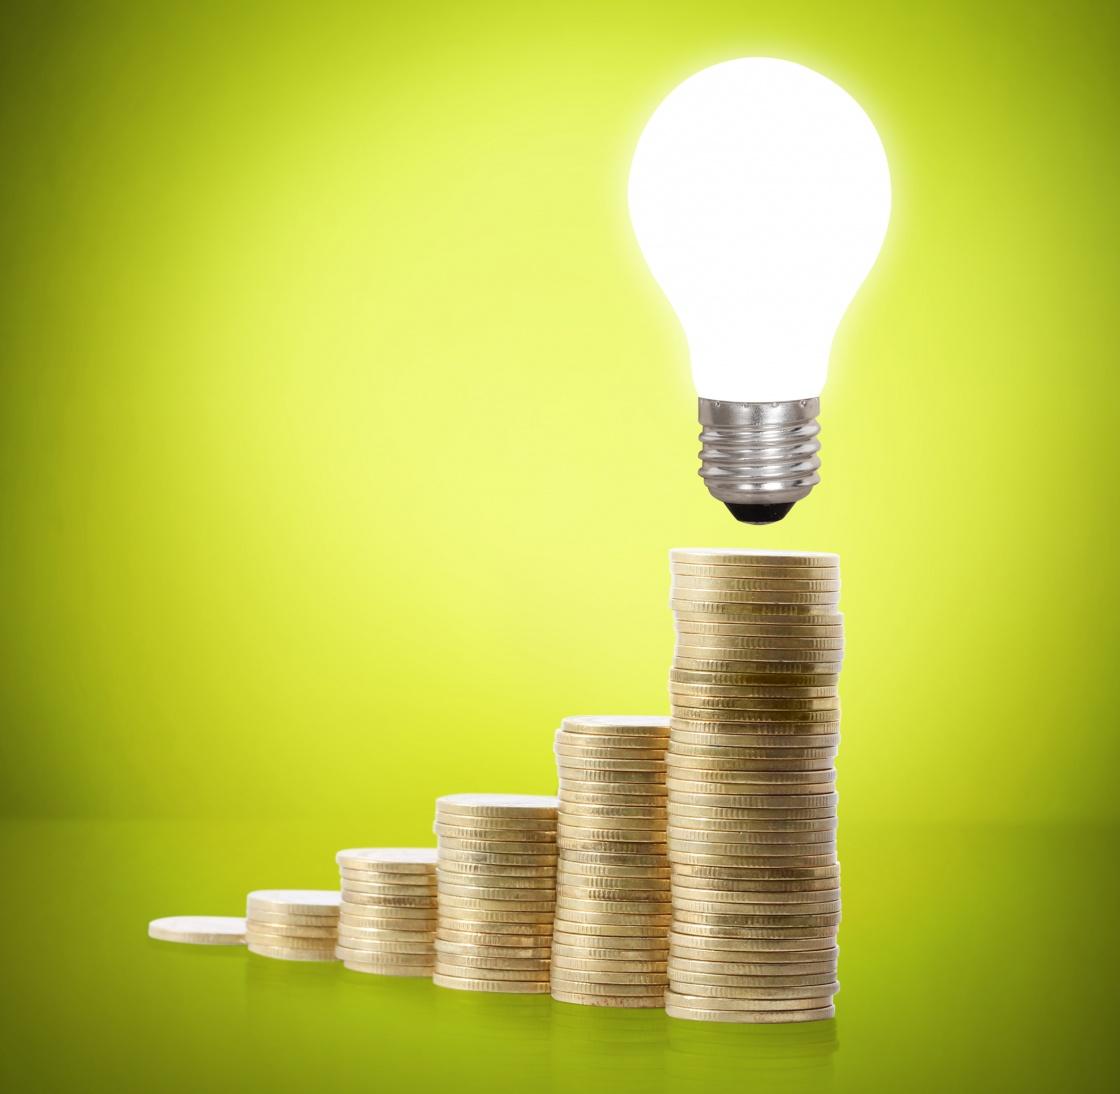 Meski Sepele, Tips Hemat Energi ini Selalu Dilakukan oleh Pebisnis Sukses Dunia